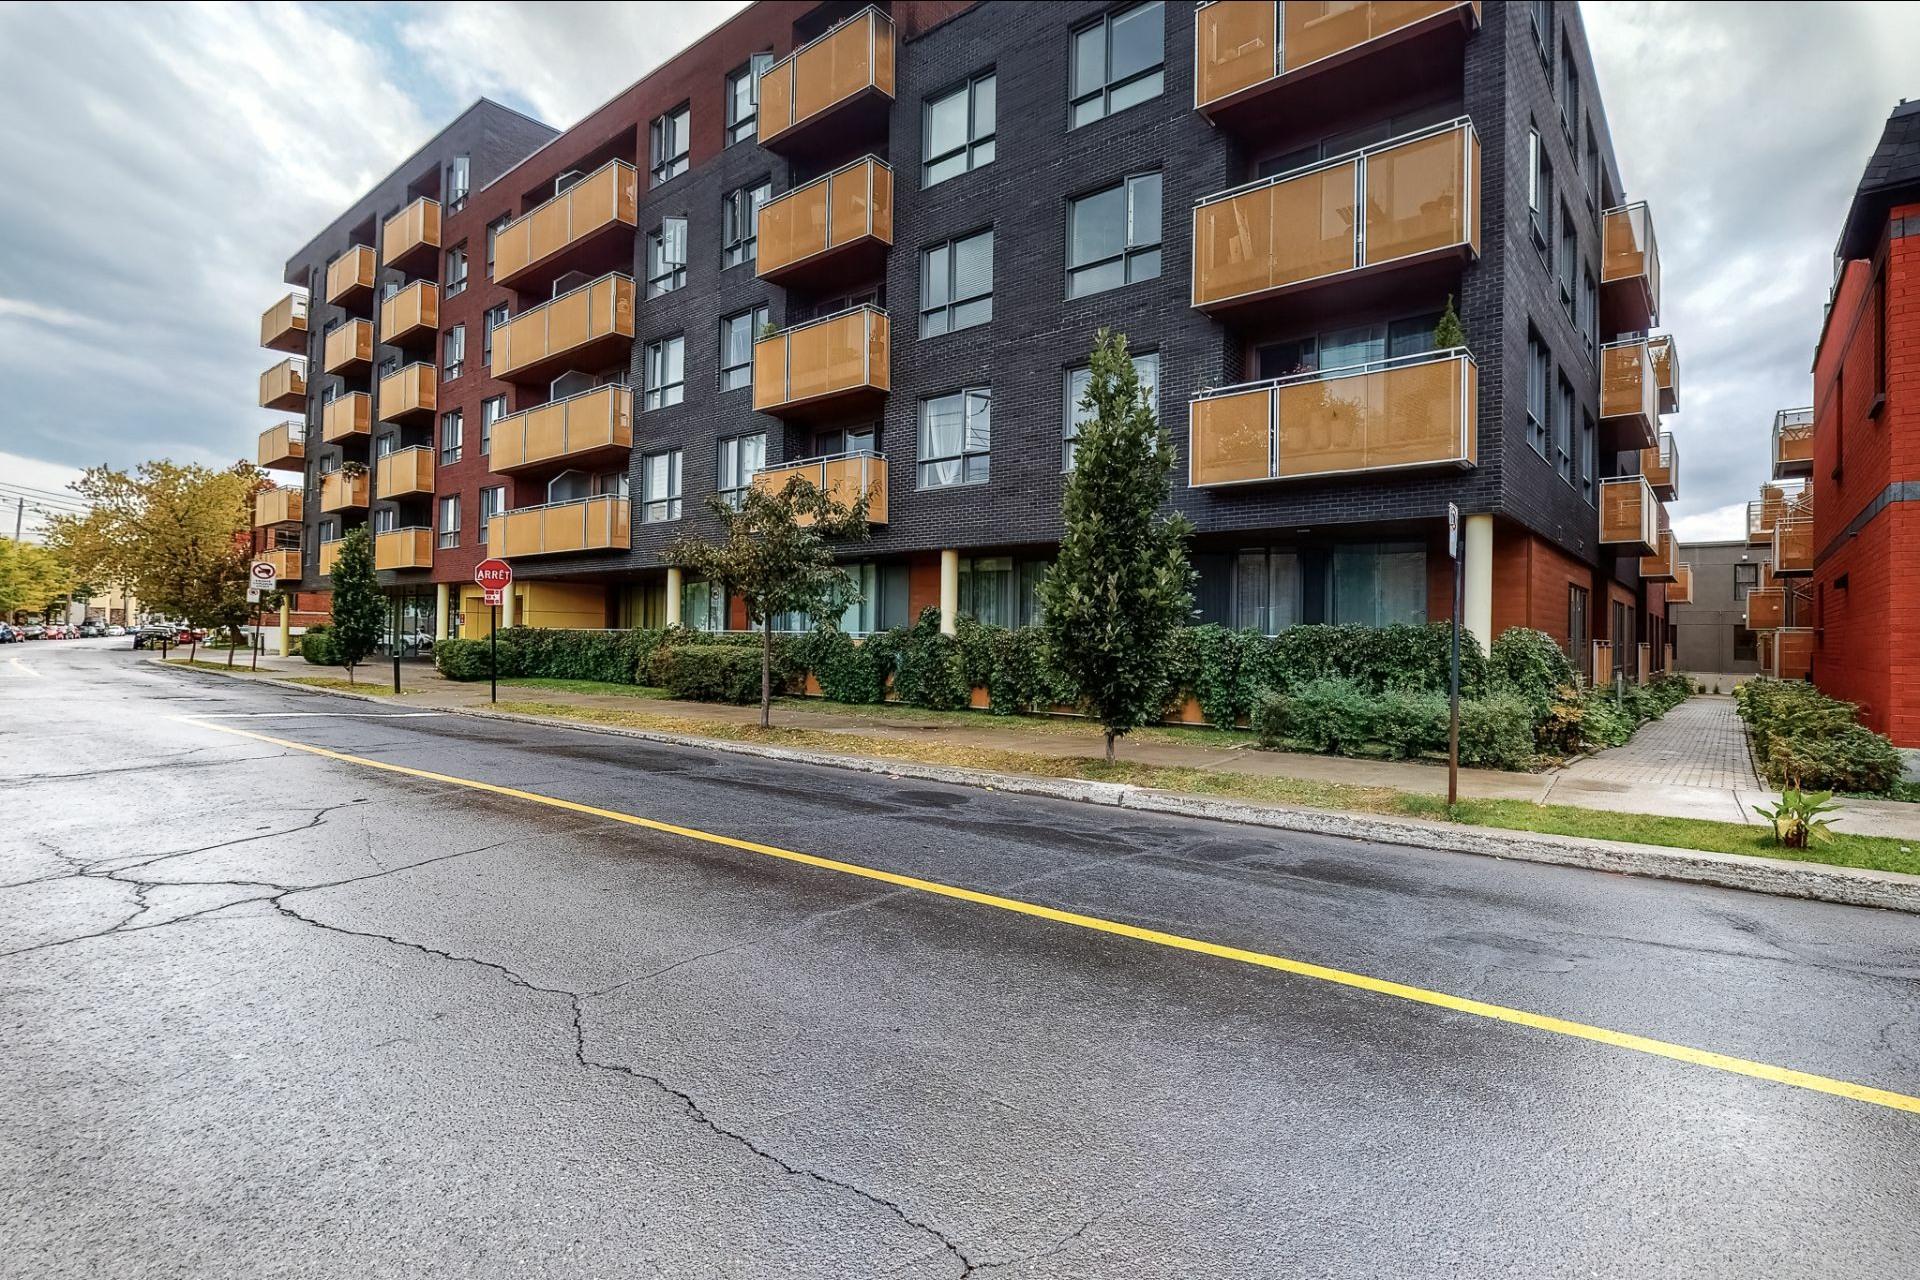 image 13 - Appartement À vendre Rosemont/La Petite-Patrie Montréal  - 3 pièces